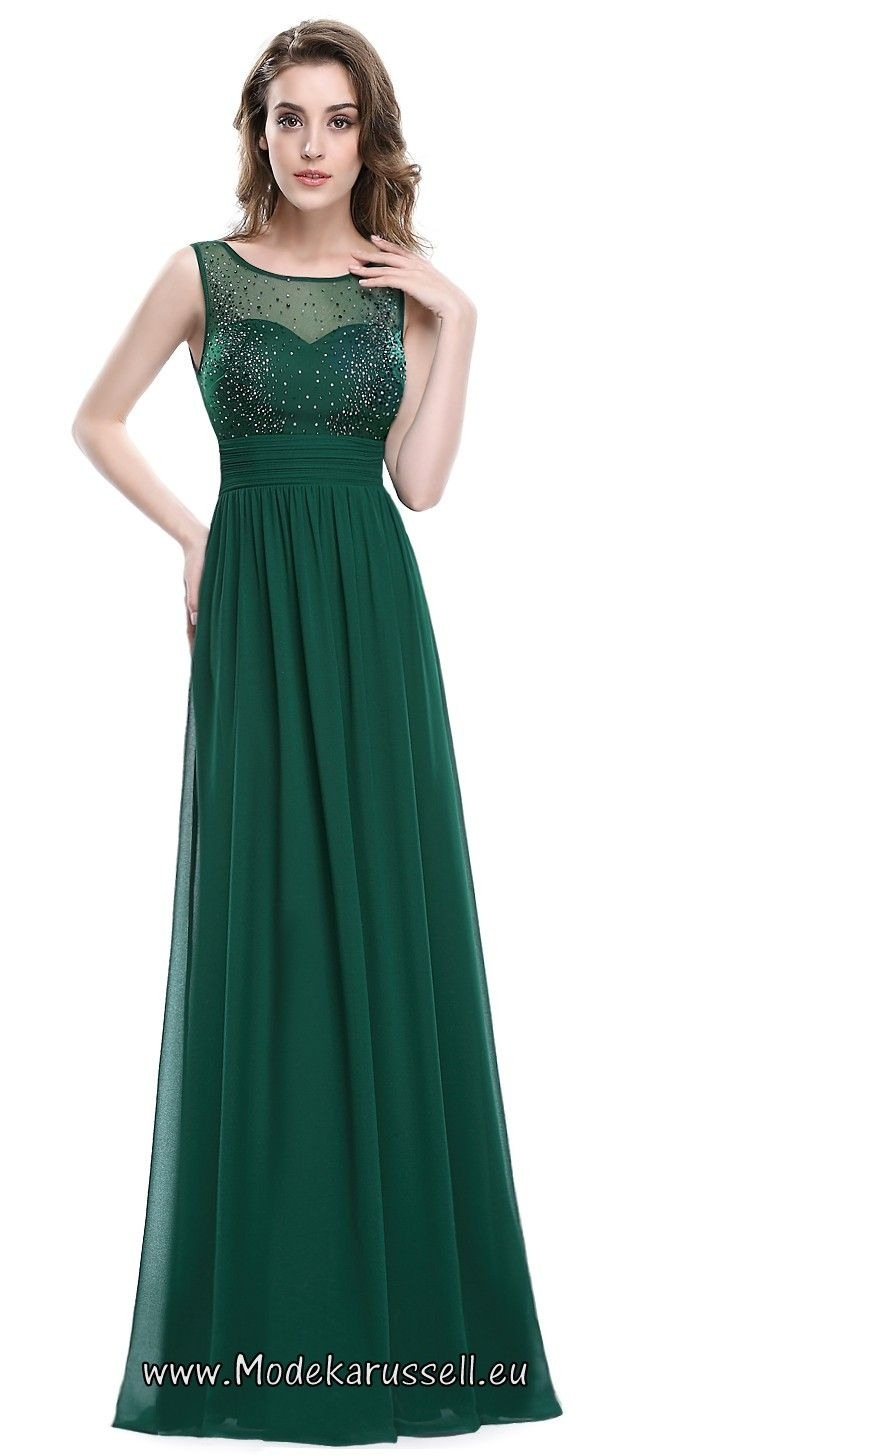 17 Einzigartig Grünes Kleid Kurz StylishAbend Schön Grünes Kleid Kurz für 2019